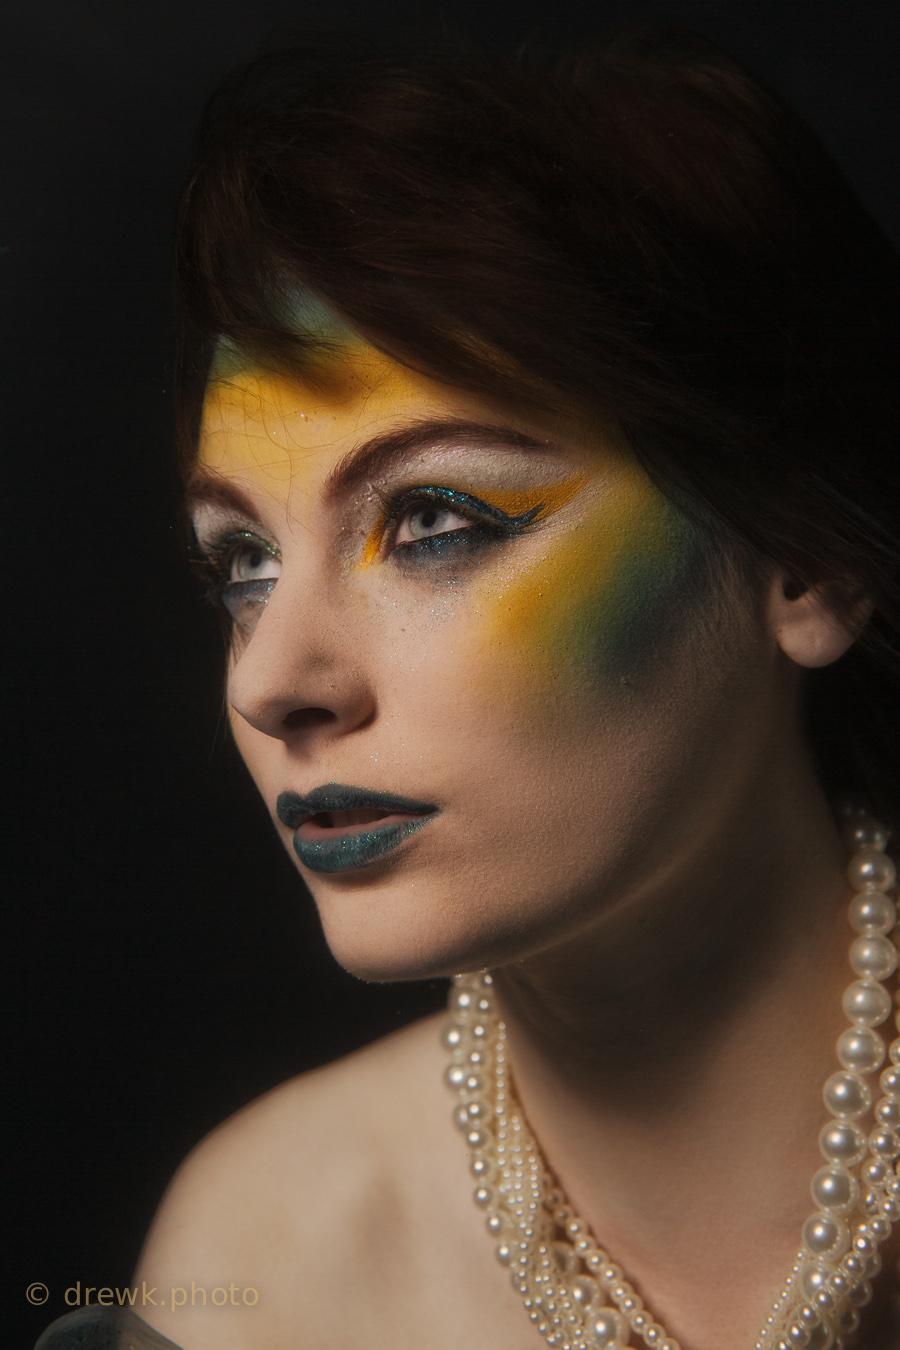 Holly Model : Holly Alexander<br /> MUA : Allkah